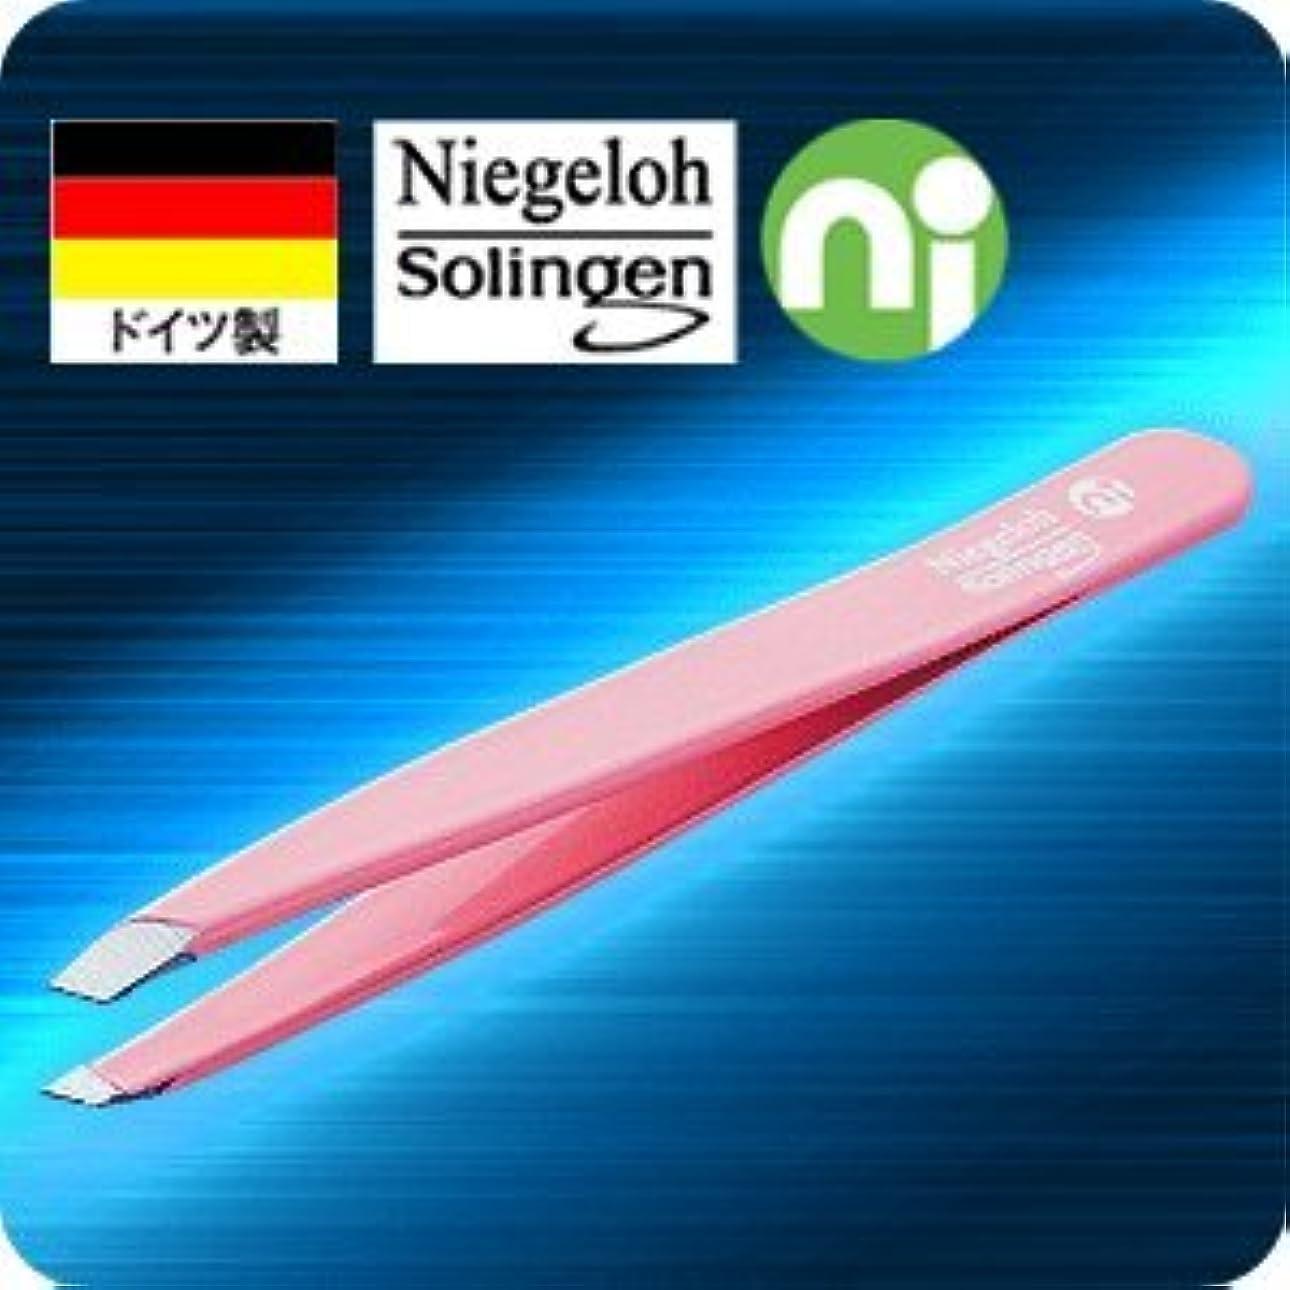 参照する歯痛きちんとしたドイツ ゾーリンゲンNiegeloh(ニゲロ社)のツイザー